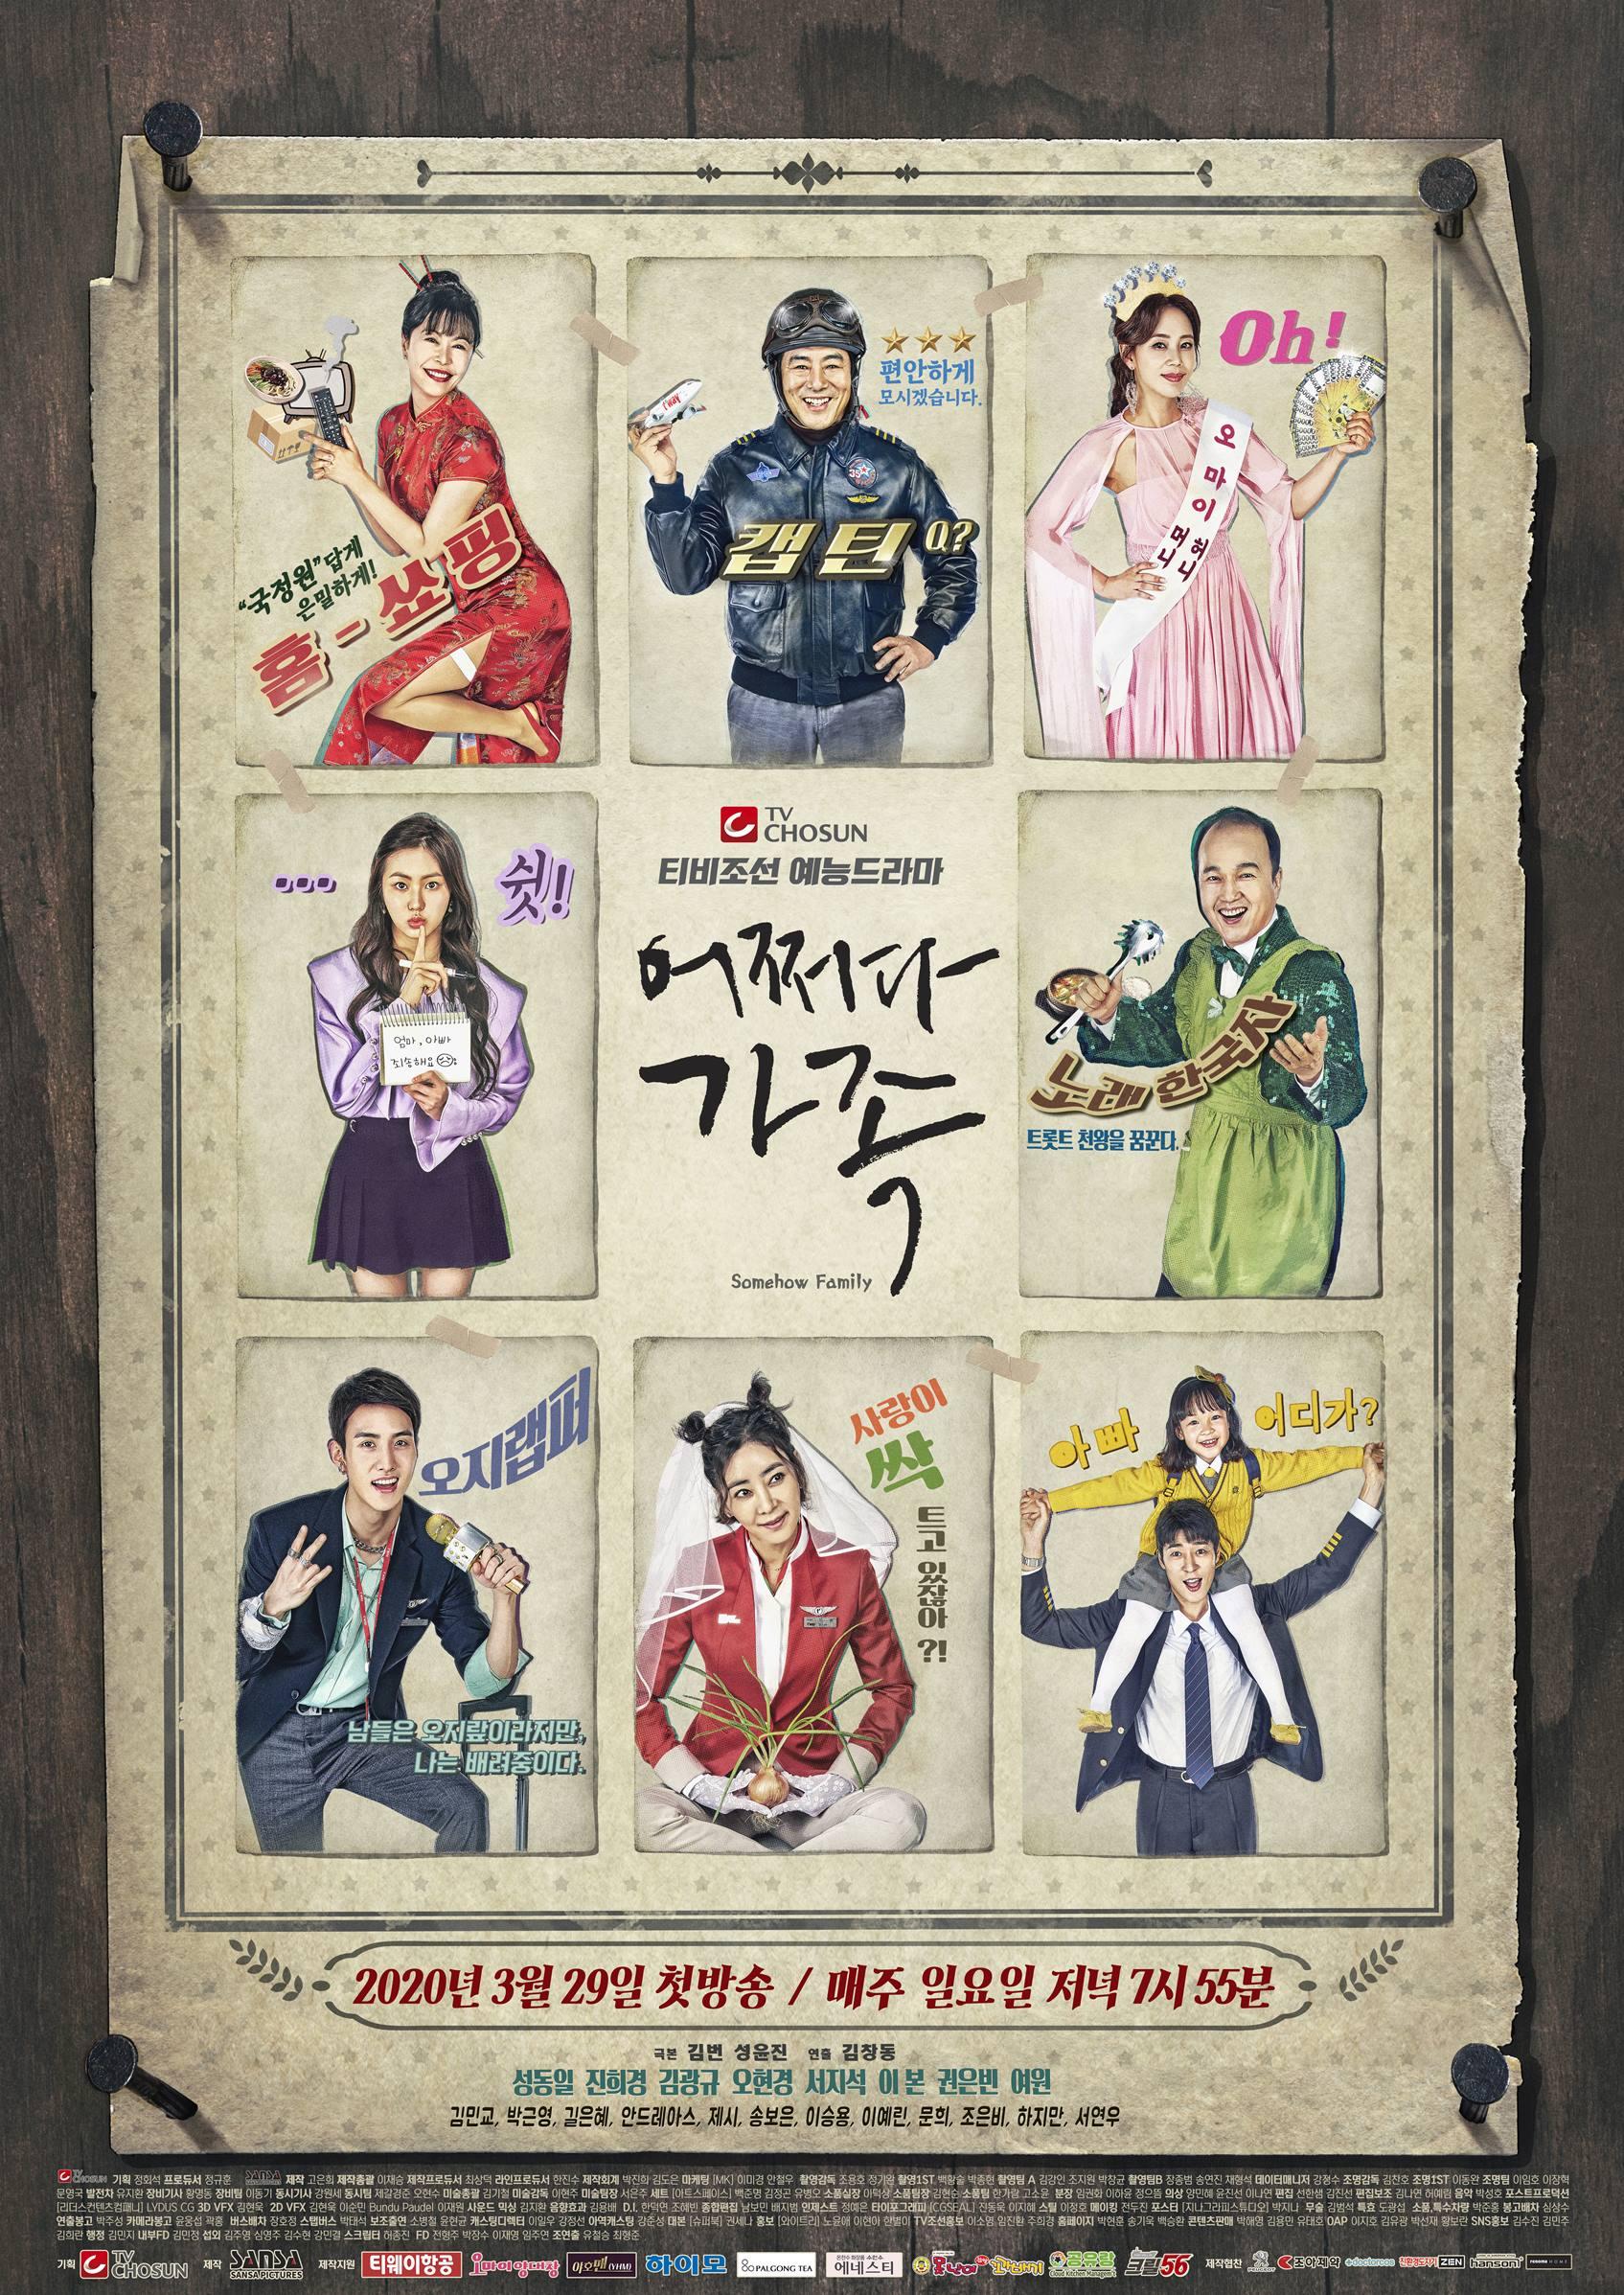 TV CHOSUN 새 예능드라마 '어쩌다 가족' 궁금증 유발 2차 포스터 공개!